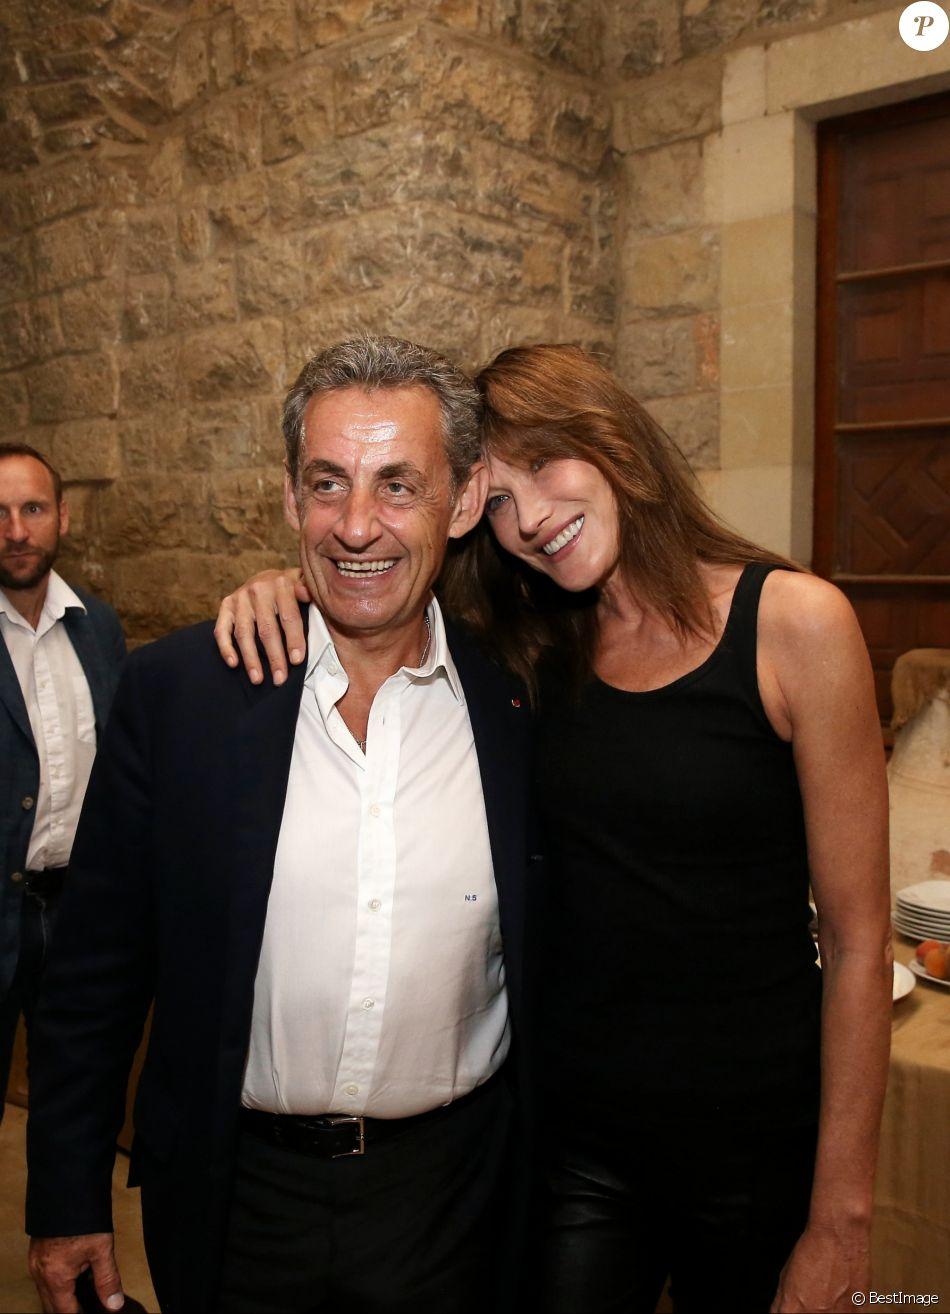 Carla Bruni-Sarkozy et son mari Nicolas Sarkozy - Coulisses du concert de Carla Bruni-Sarkozy au Beiteddine Art Festival à Beyrouth au Liban le 30 juillet 2018. ©DominiqueJacovides/Bestimage